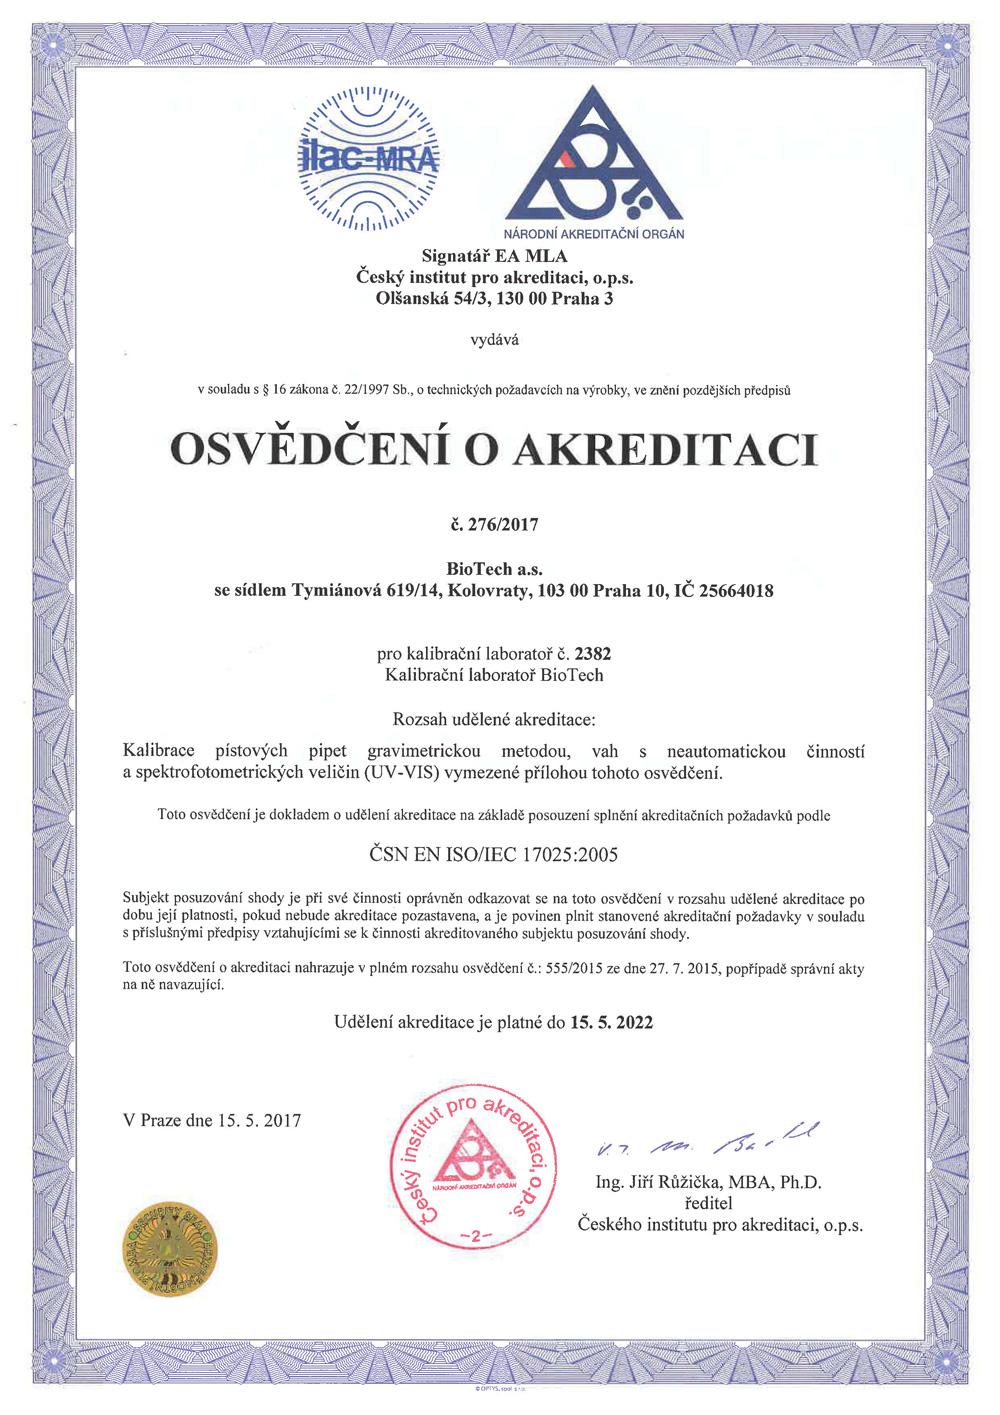 Osvědčení o akreditaci – Zkušební laboratoř BioTech